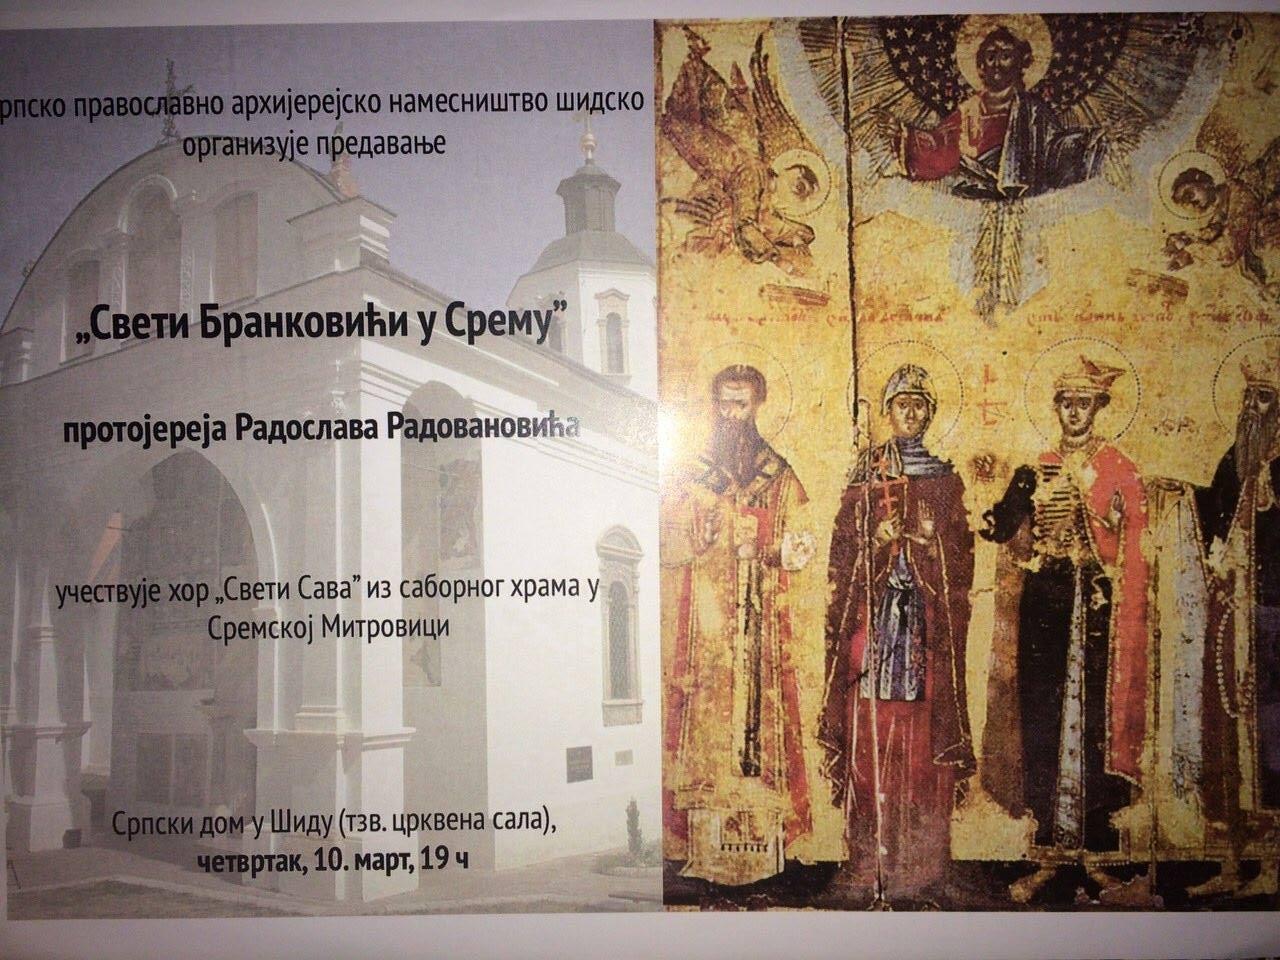 Најава: Шид, предавање о Светим Бранковићима